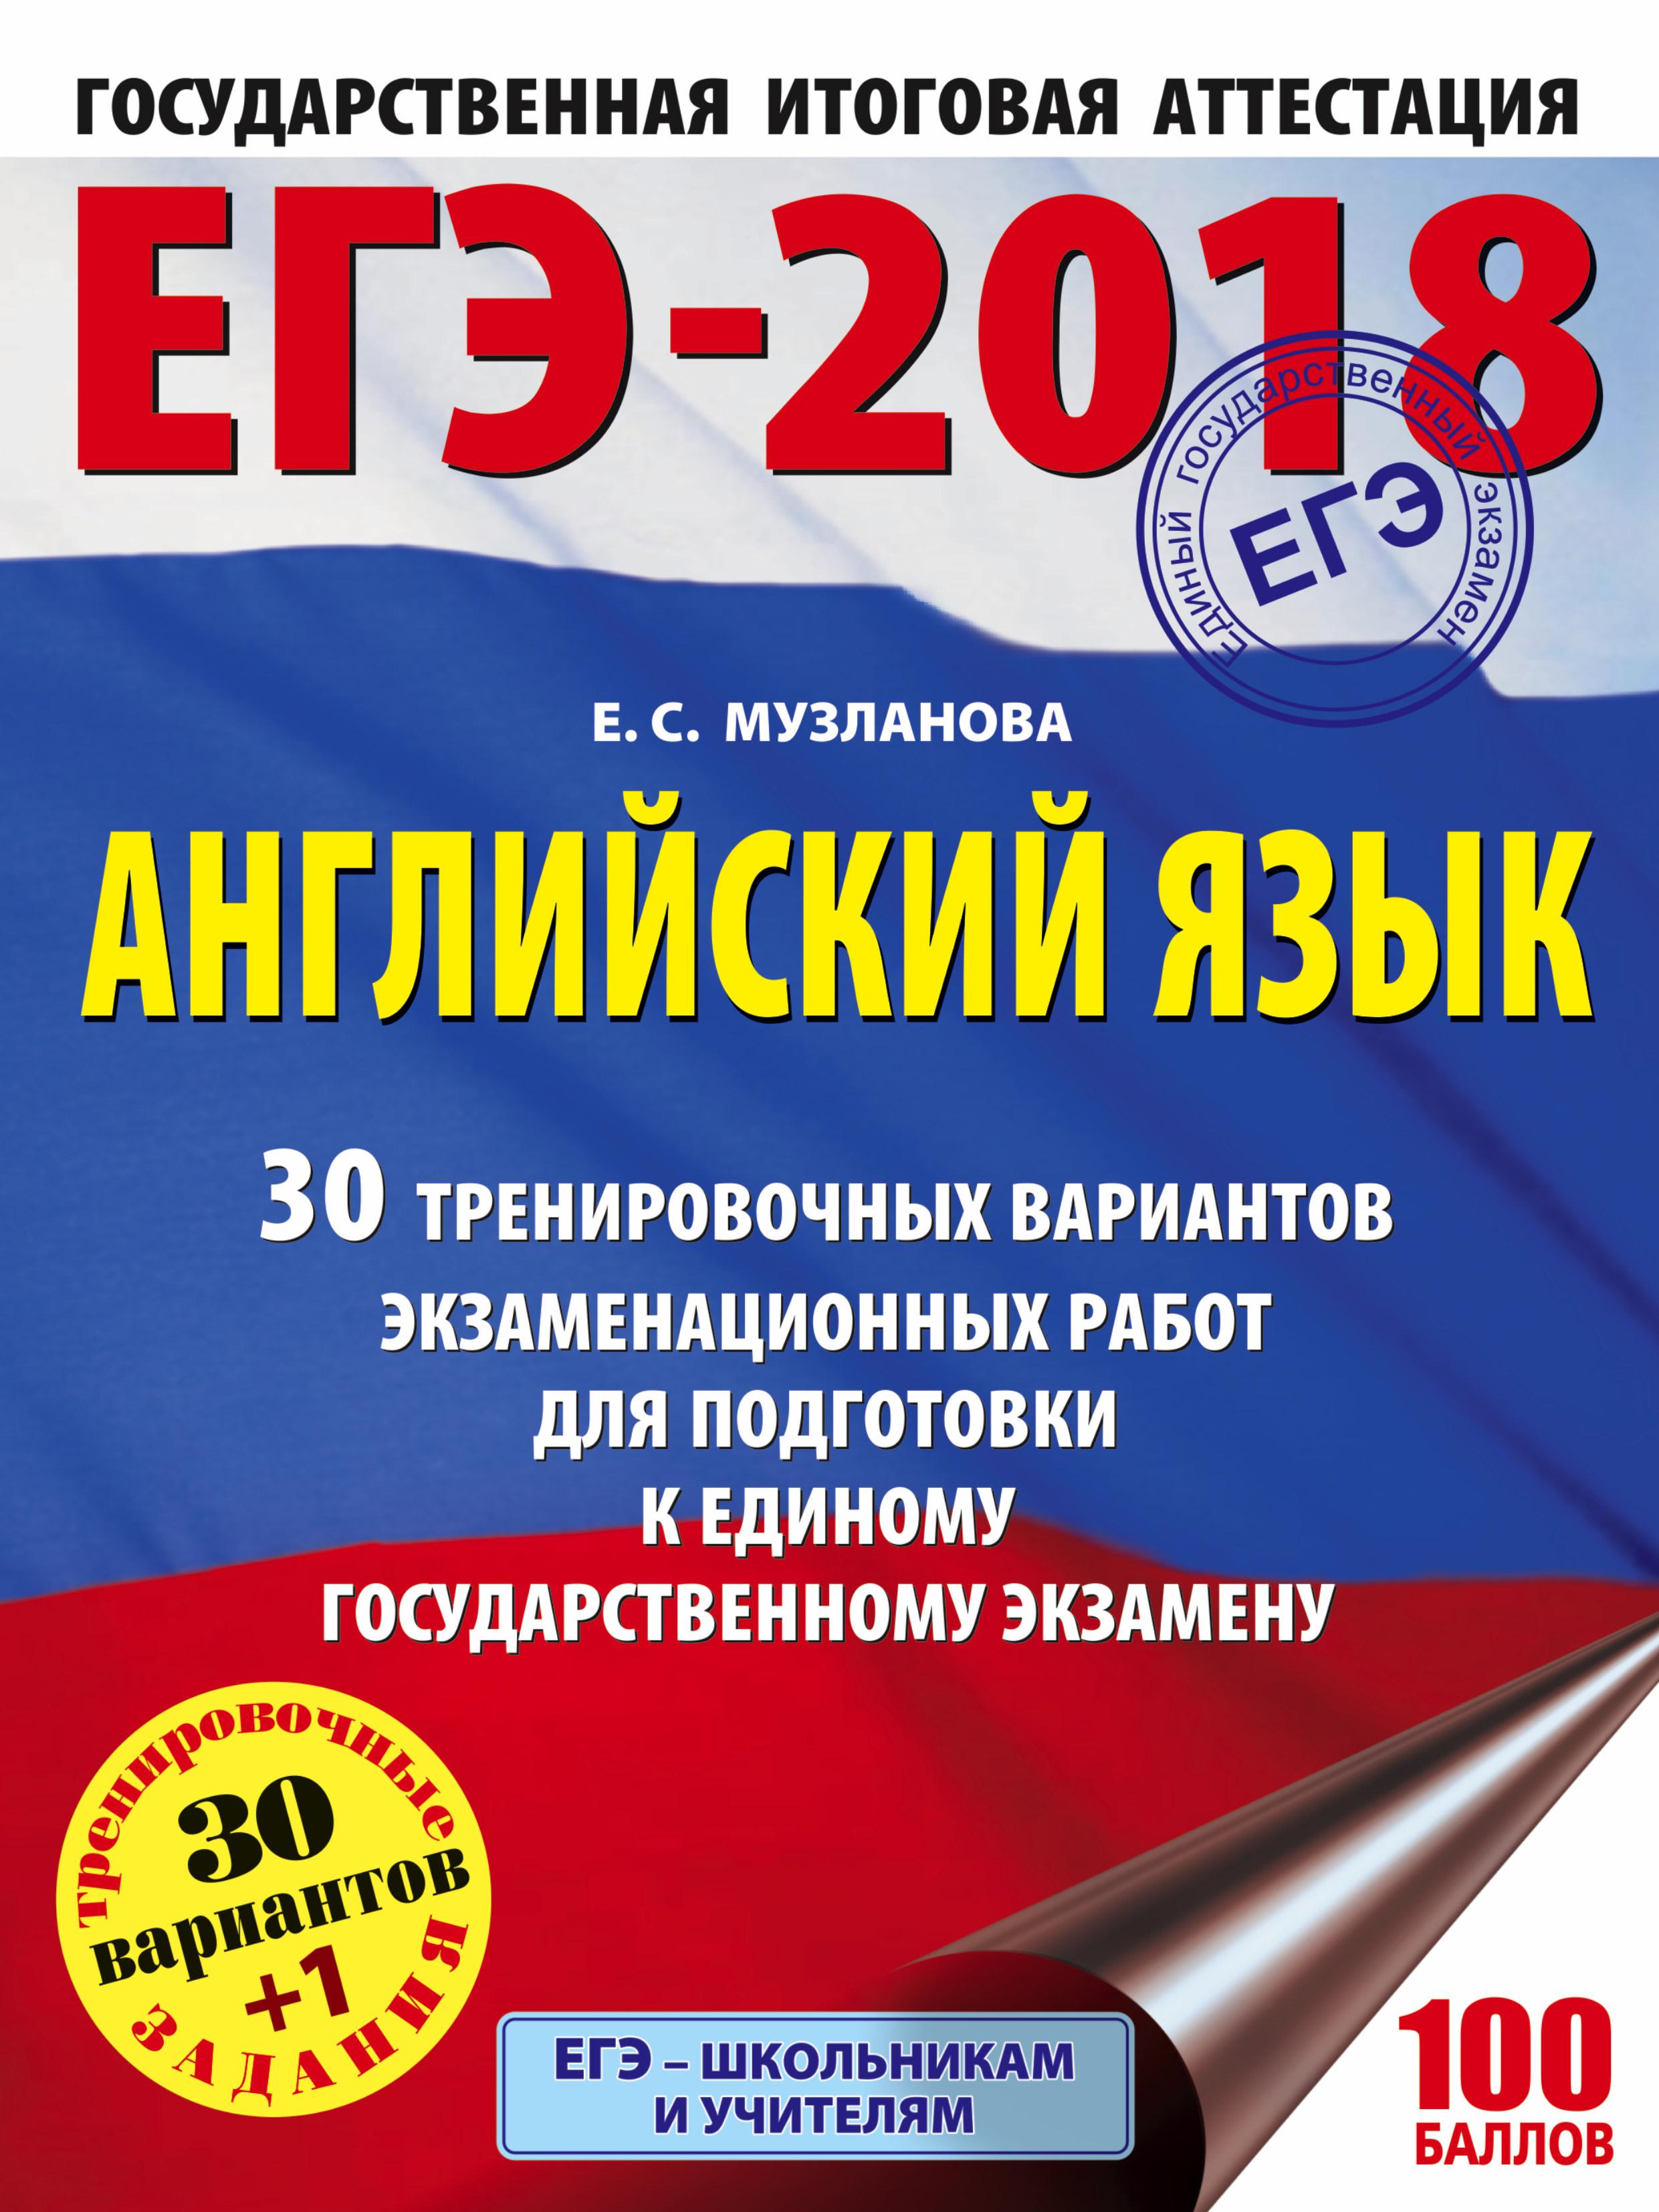 ЕГЭ-2018. Английский язык (60х84/8) 30 тренировочных вариантов экзаменационных работ для подготовки к единому государственному экзамену